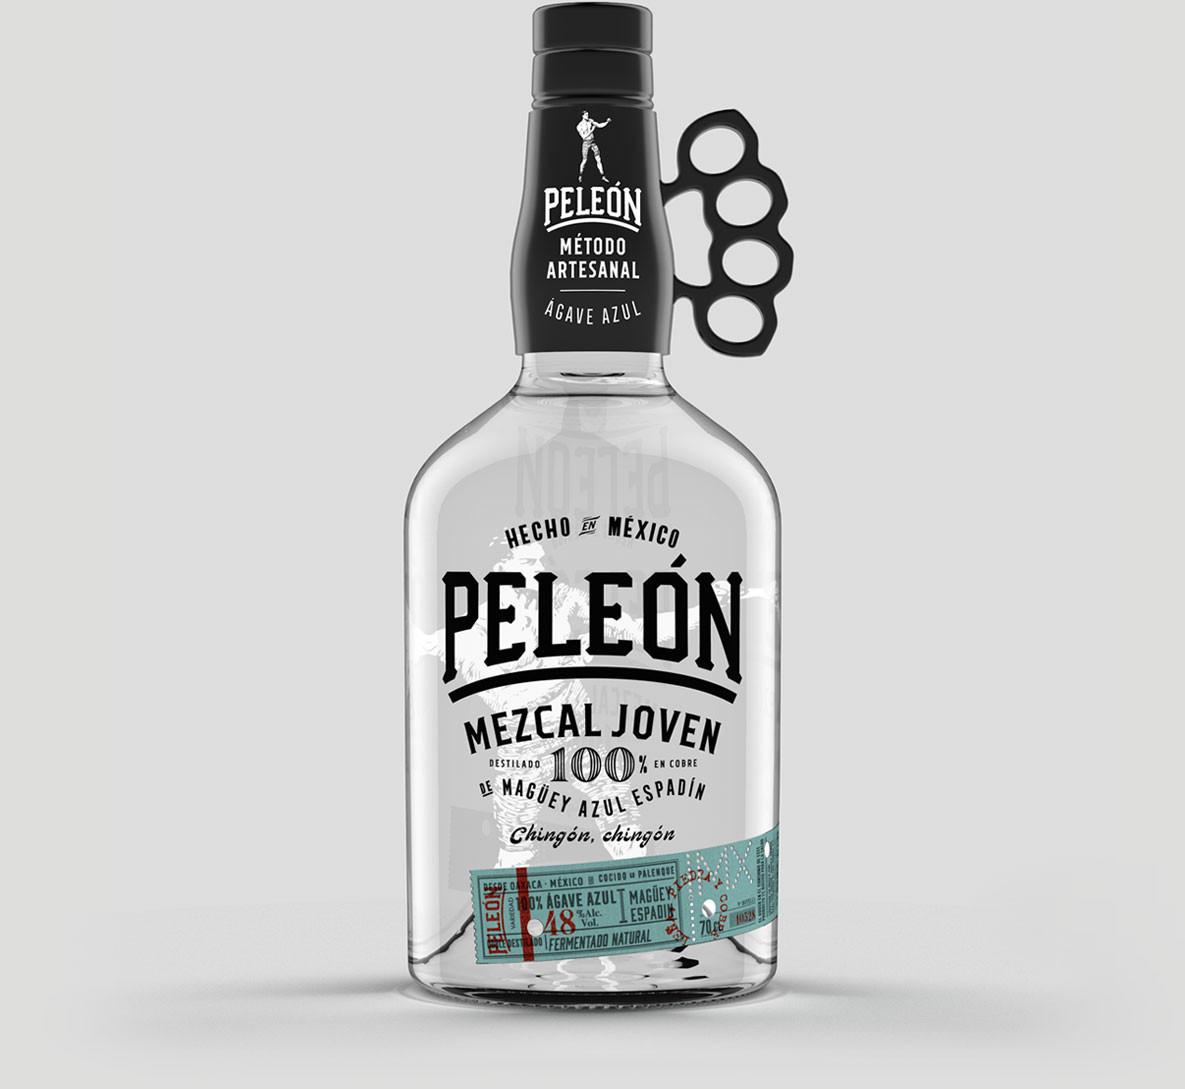 Peleón Diseño Packaging Mezcal Joven México